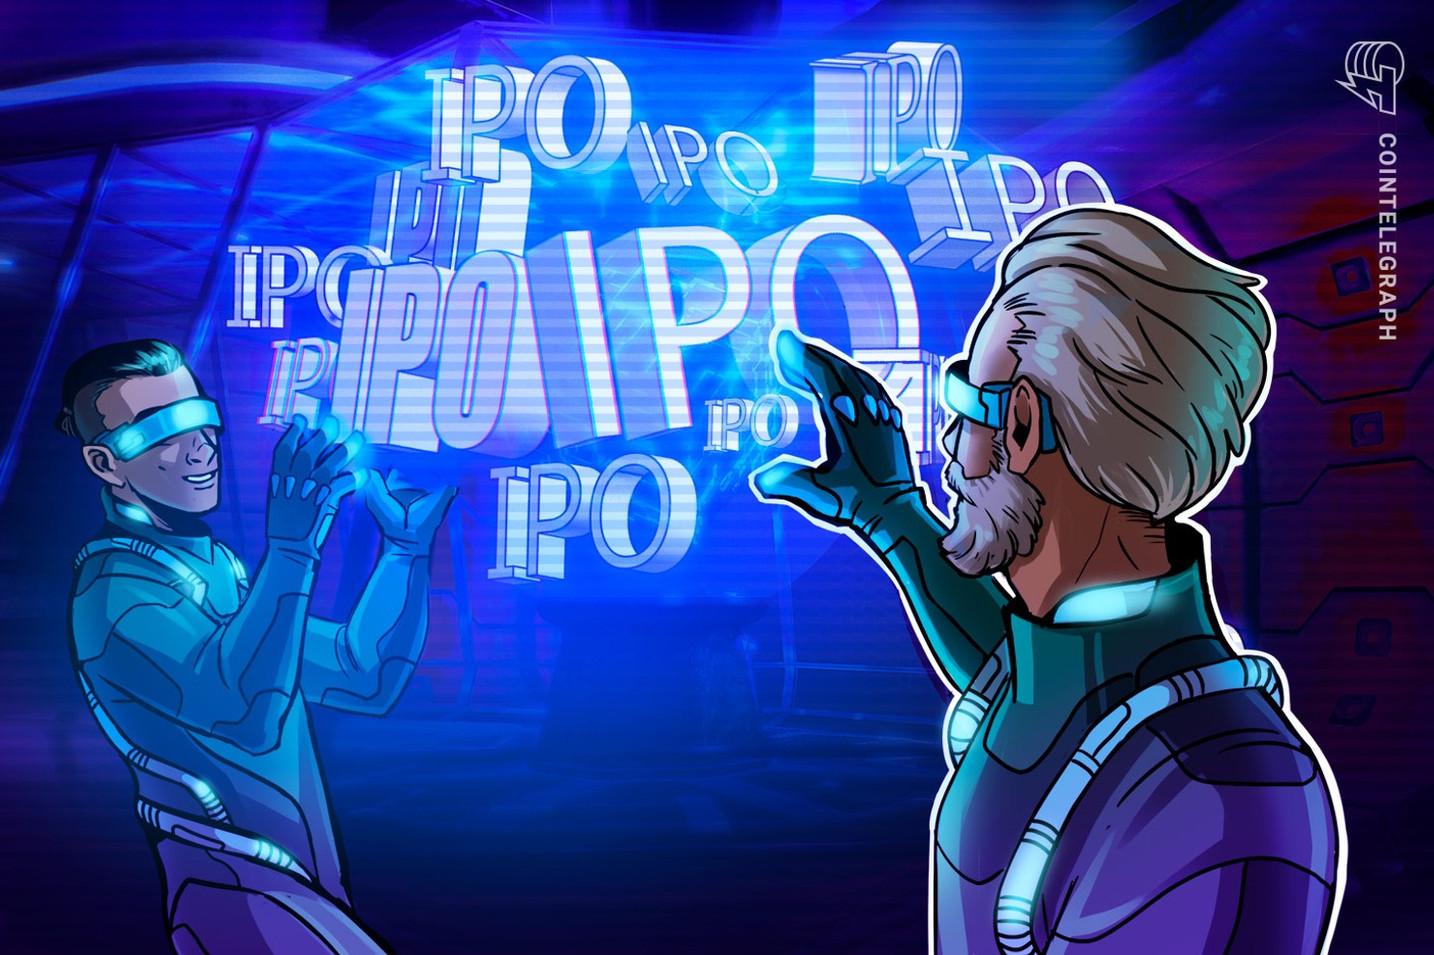 仮想通貨マイニング大手ビットメイン、米国でIPOを申請済みか=報道【ニュース】